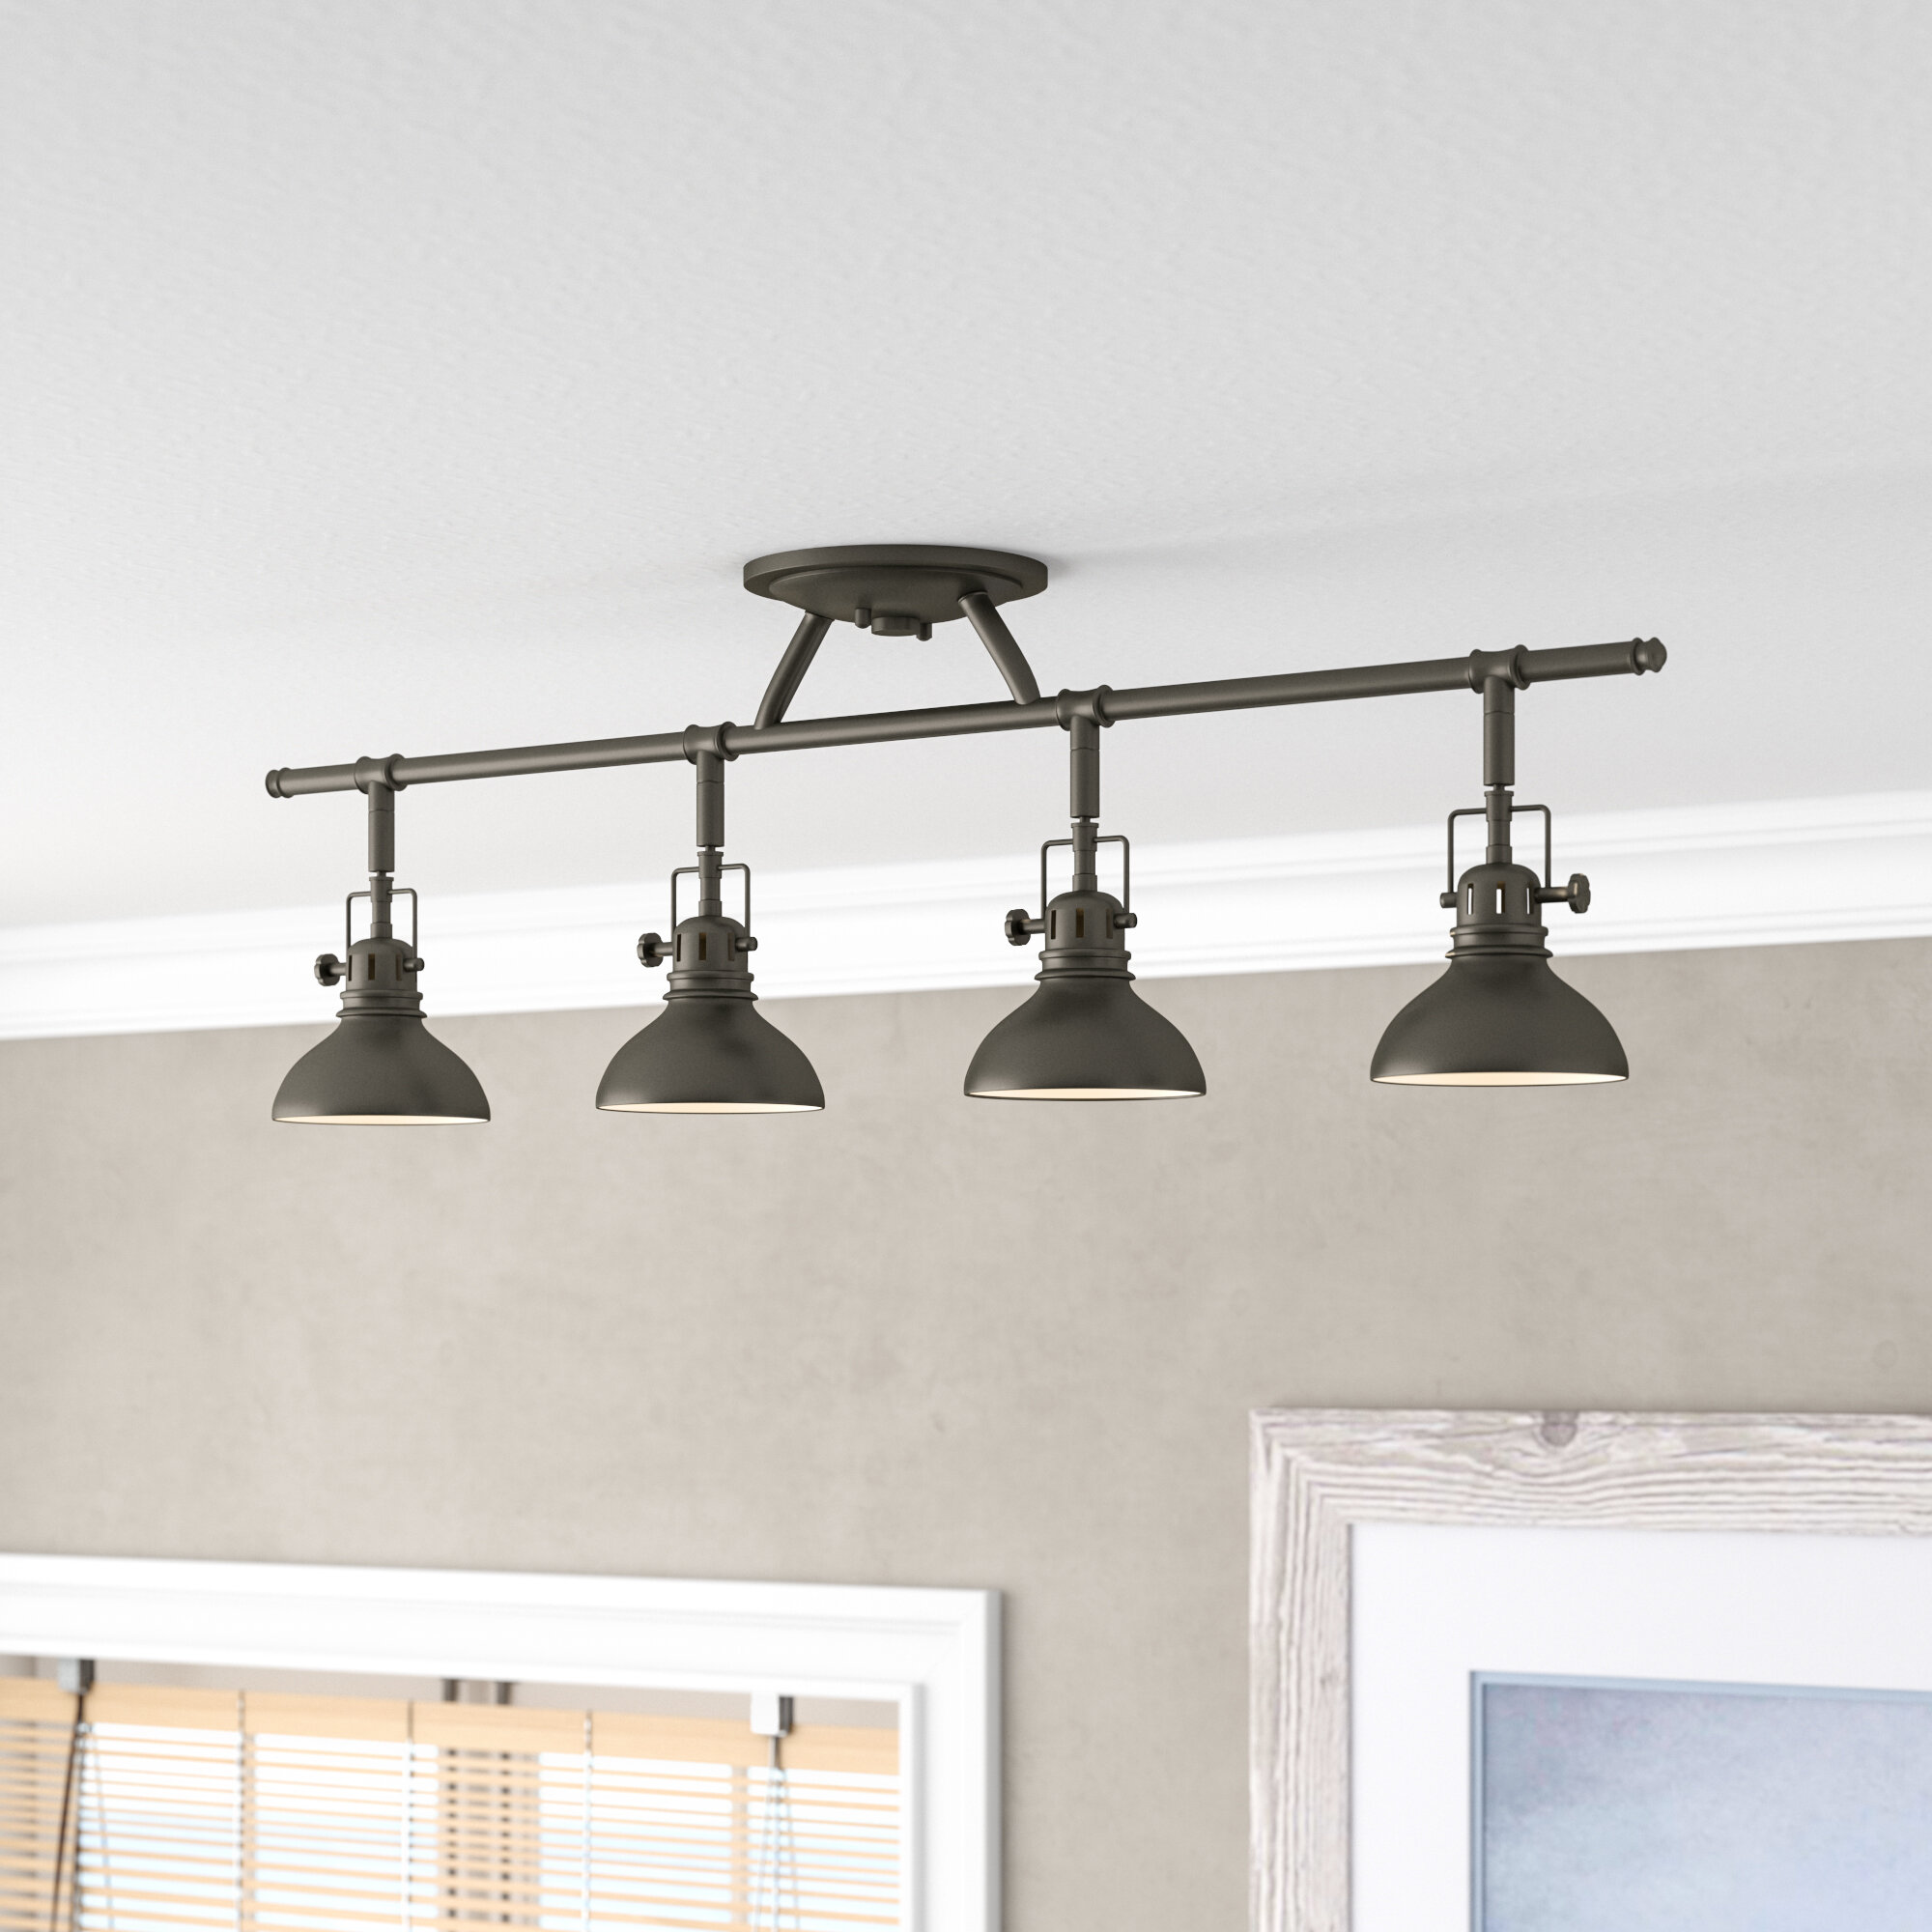 Beachcrest home dollinger 4 light fixed track lighting kit reviews wayfair